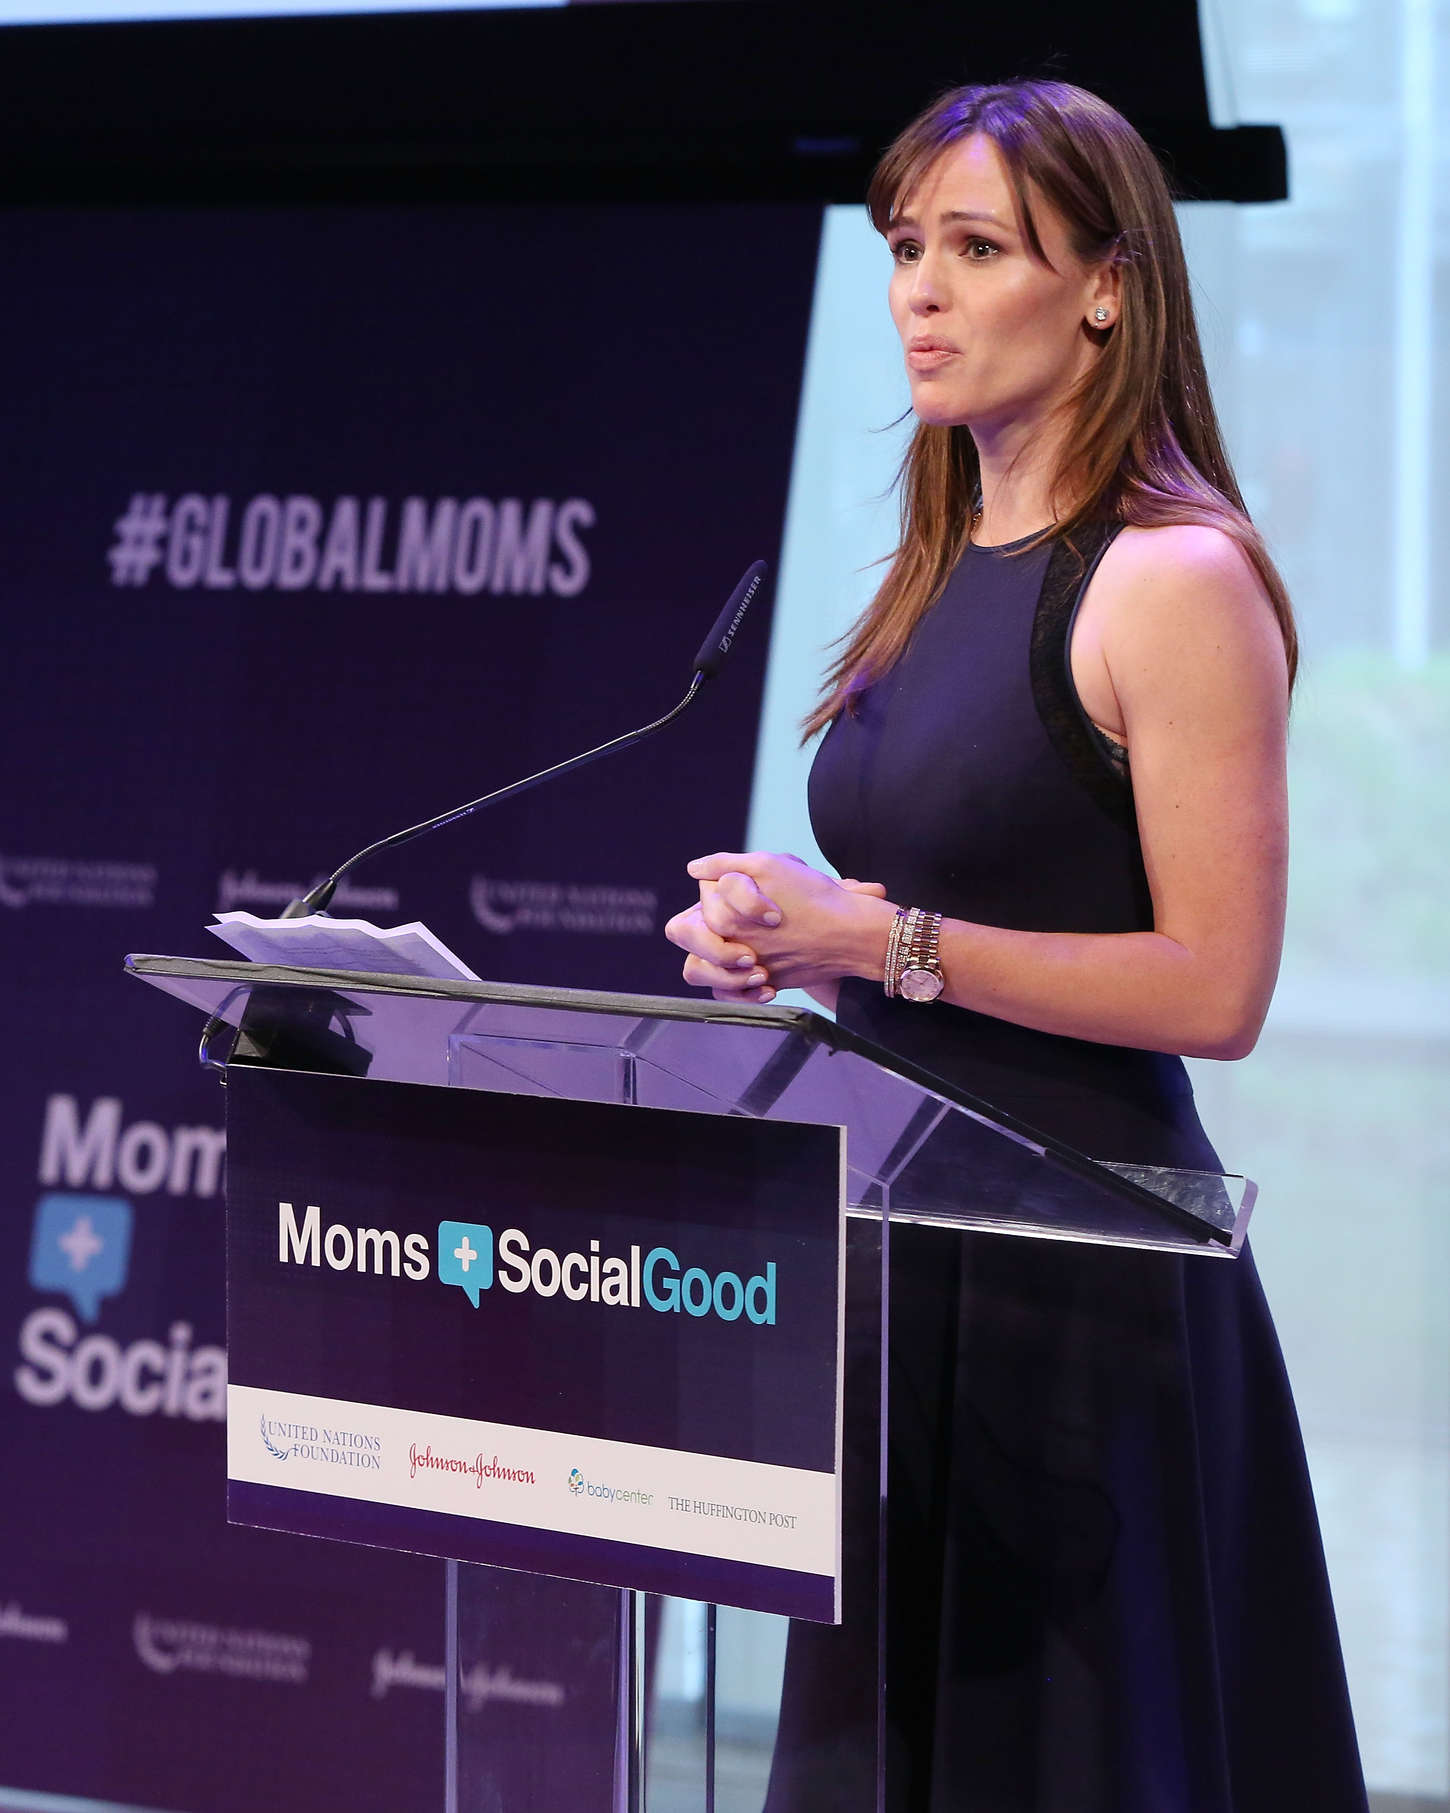 Jennifer Garner - Moms+Social Good Global Moms' Challenge in NYC